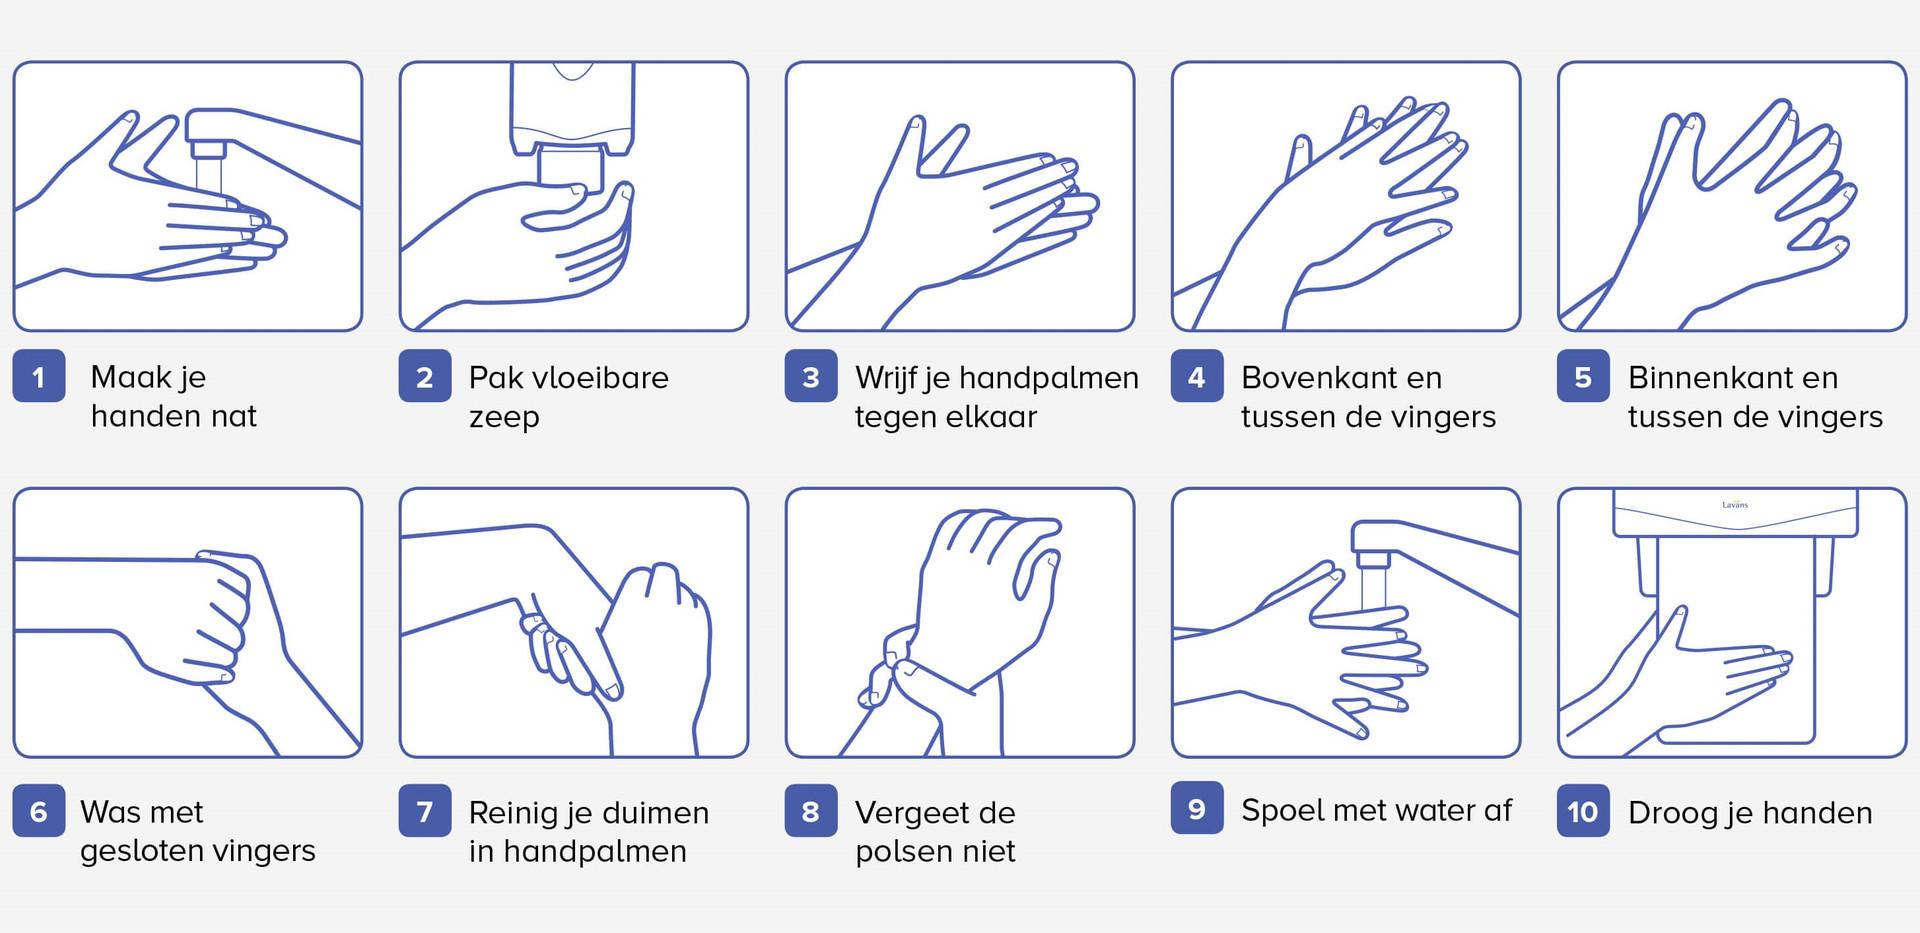 checklist-food-instructie-handen-wassen-